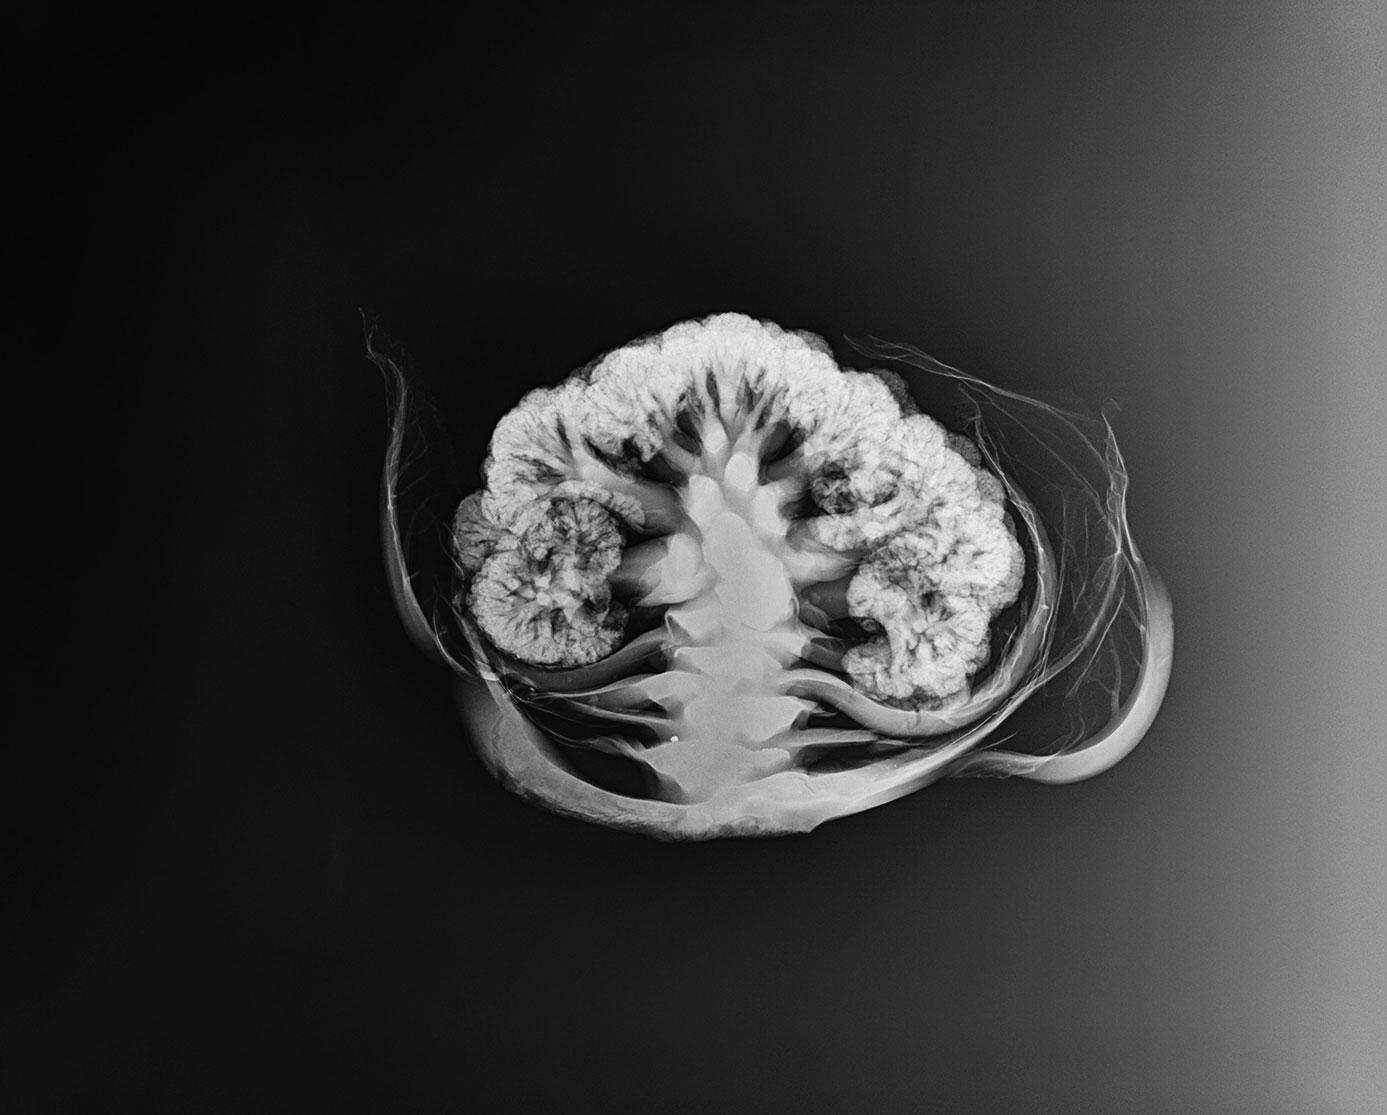 Cauliflower_xray